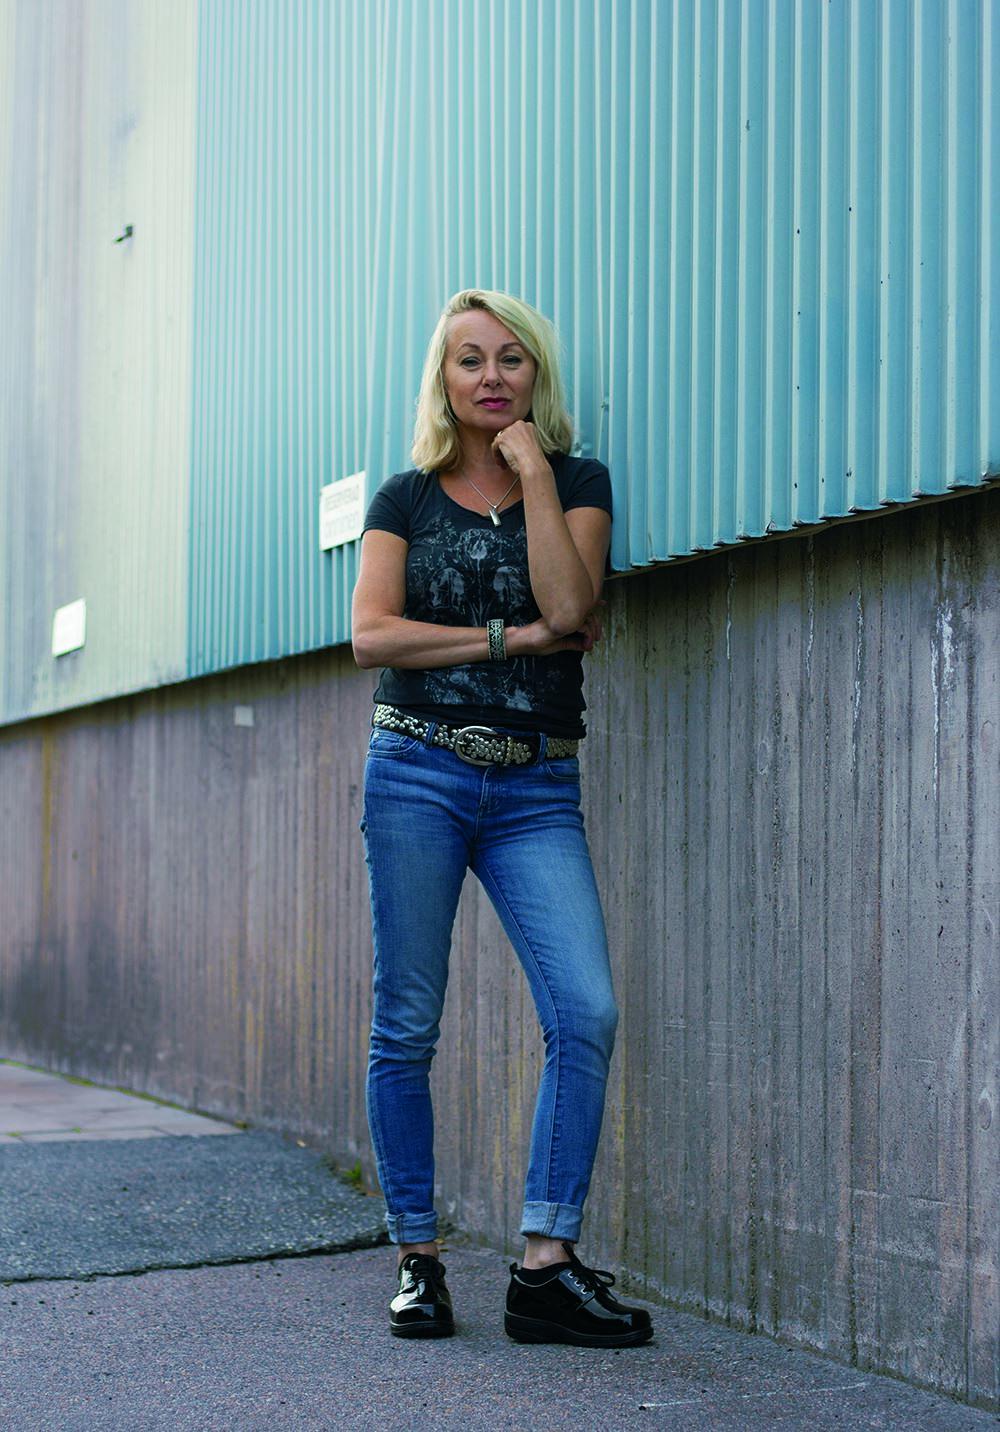 Foto Vilma Colling,  © Foto Vilma Colling, Musikriket: Louise Hoffsten och Musicae Vitae